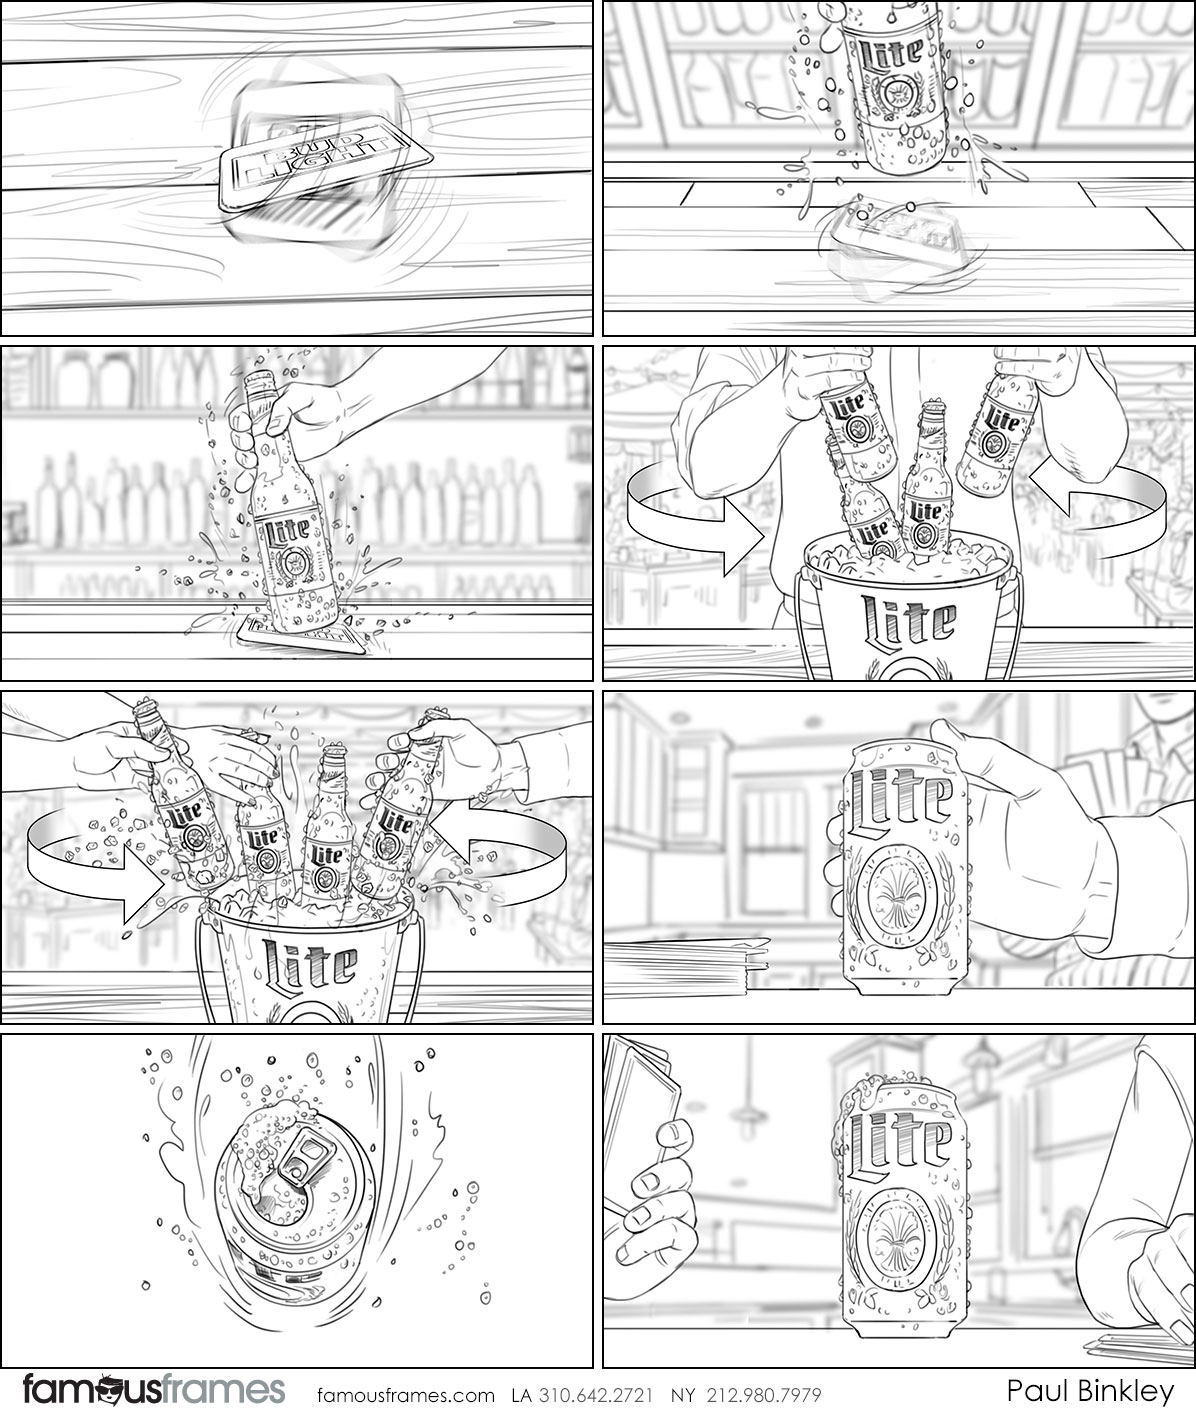 Paul Binkley's Food storyboard art (Image #107_13_1493856022)